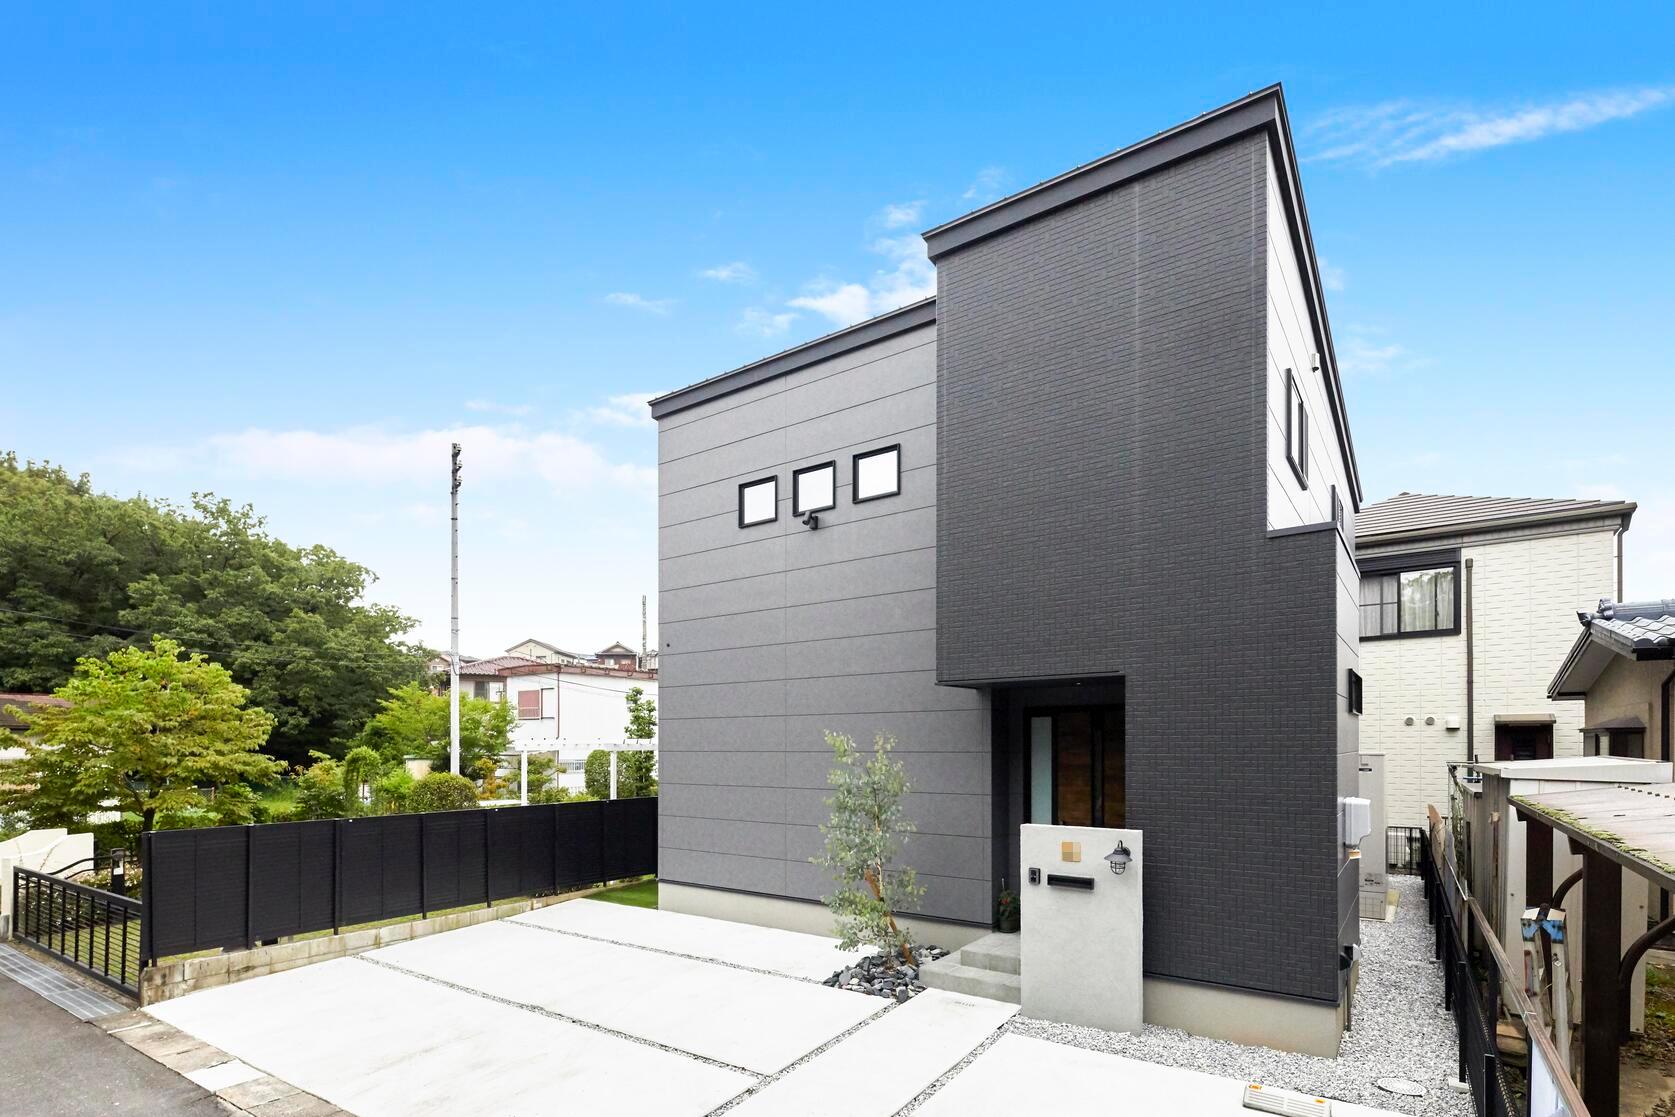 グレーとブラックを組み合わせたかっこいい外観。玄関ドアを木目調にすることでクールすぎないようにコーディネートした